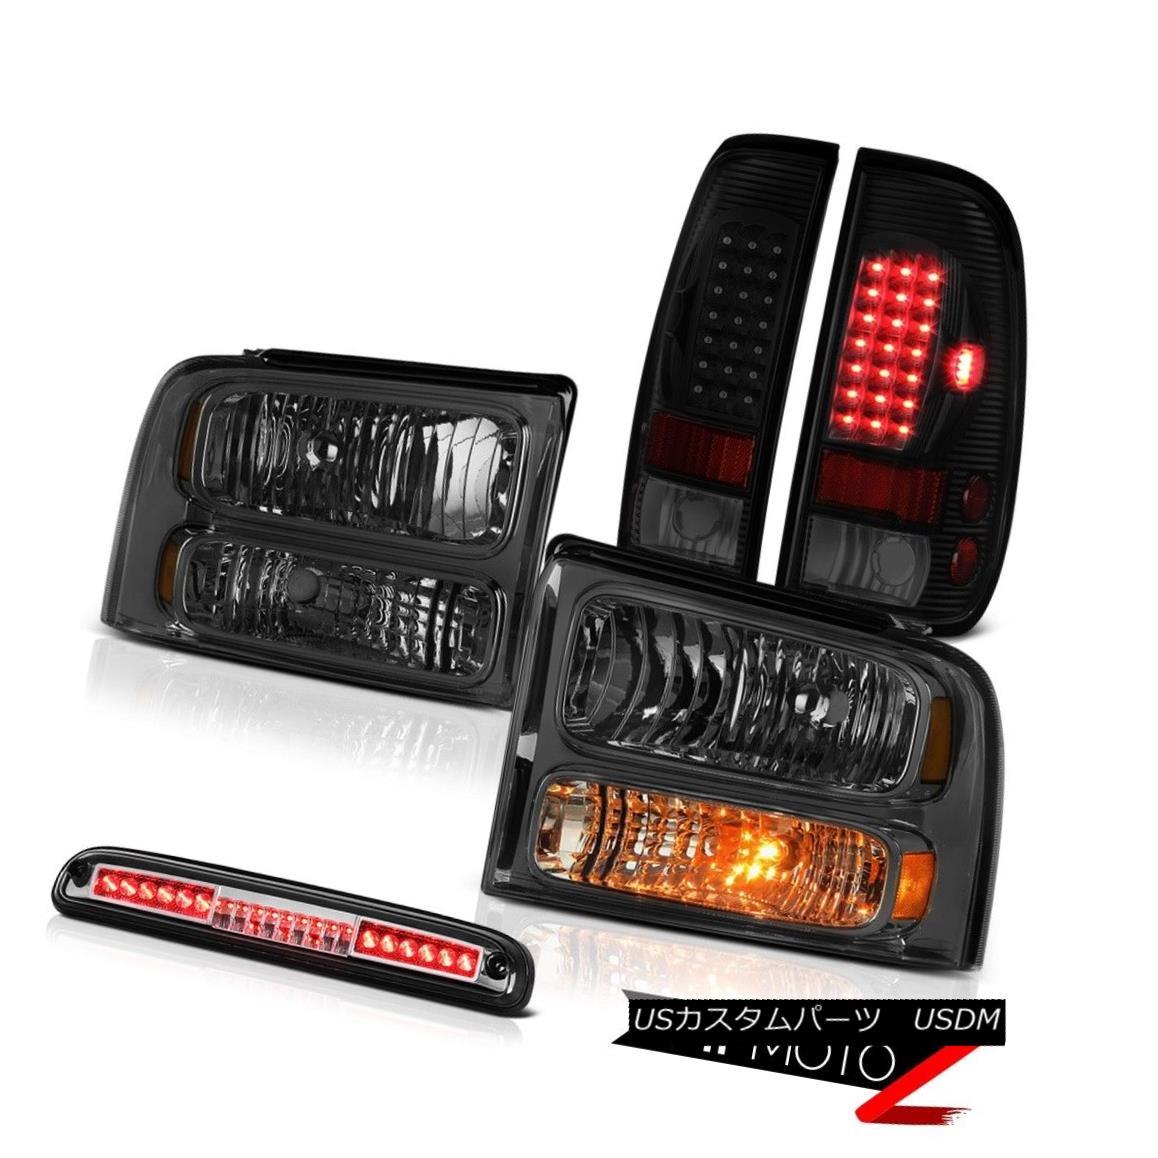 ヘッドライト 2005-2007 F250 6.8L Headlights Tail Lights Chrome Roof Cab Light LED Assembly 2005-2007 F250 6.8Lヘッドライトテールライトクローム屋根キャブライトLEDアセンブリ